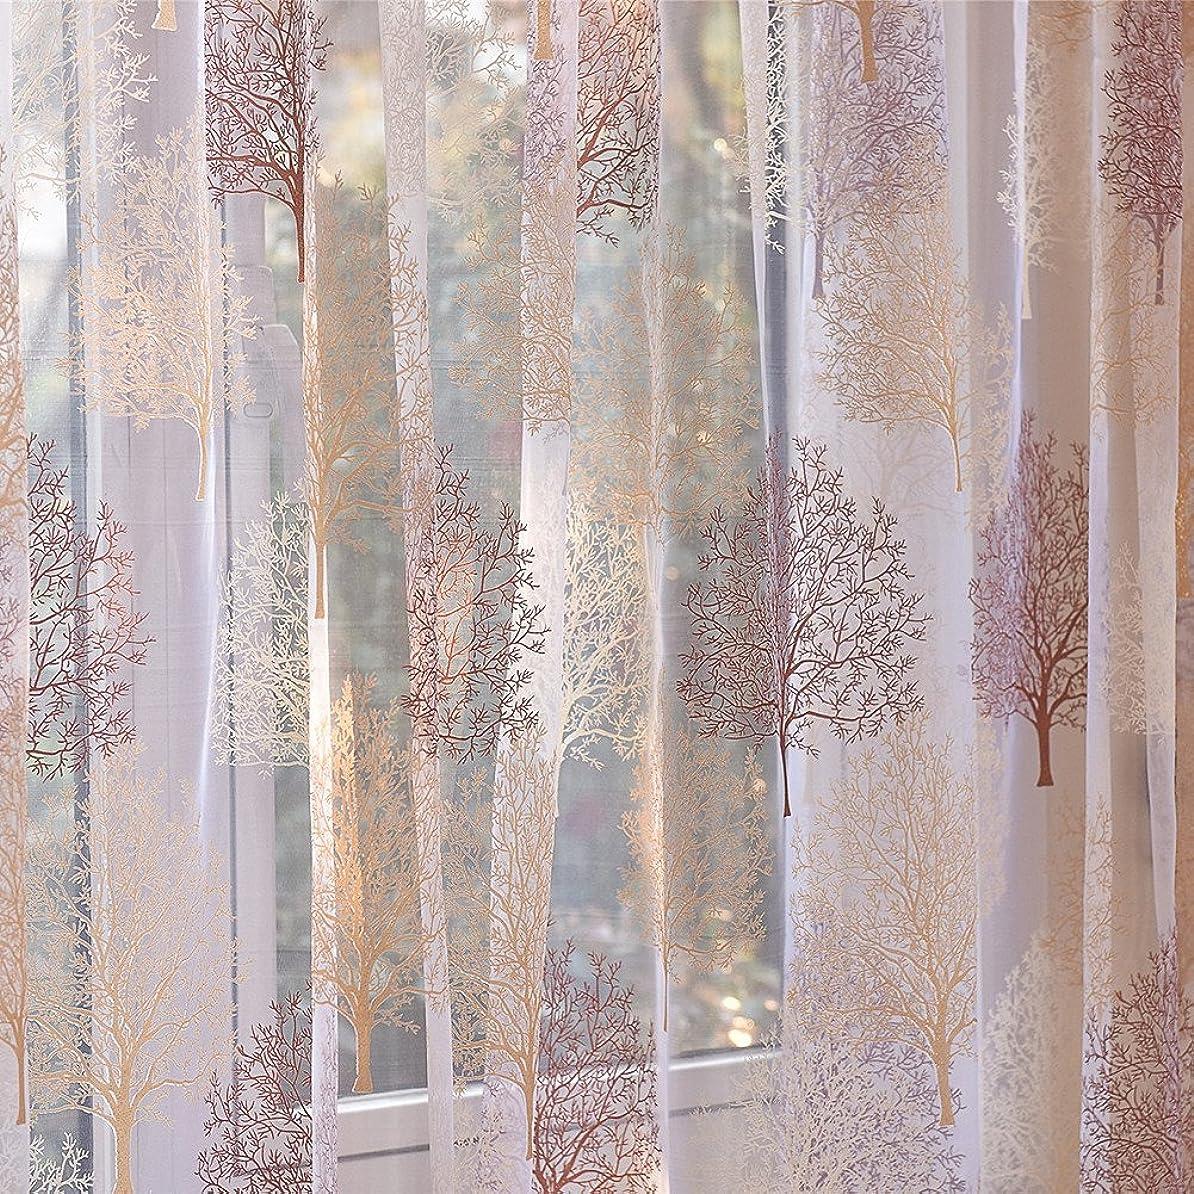 オートマトン芸術的飼料TeFuAnAn レースカーテン 透けない UVカット薄手のカーテン 100cm×250cm 遮熱 洗える UVカットミラーレースカーテン 装飾ホーム ウインドウ窓 寝室 居間 子供の部屋用 一枚入り